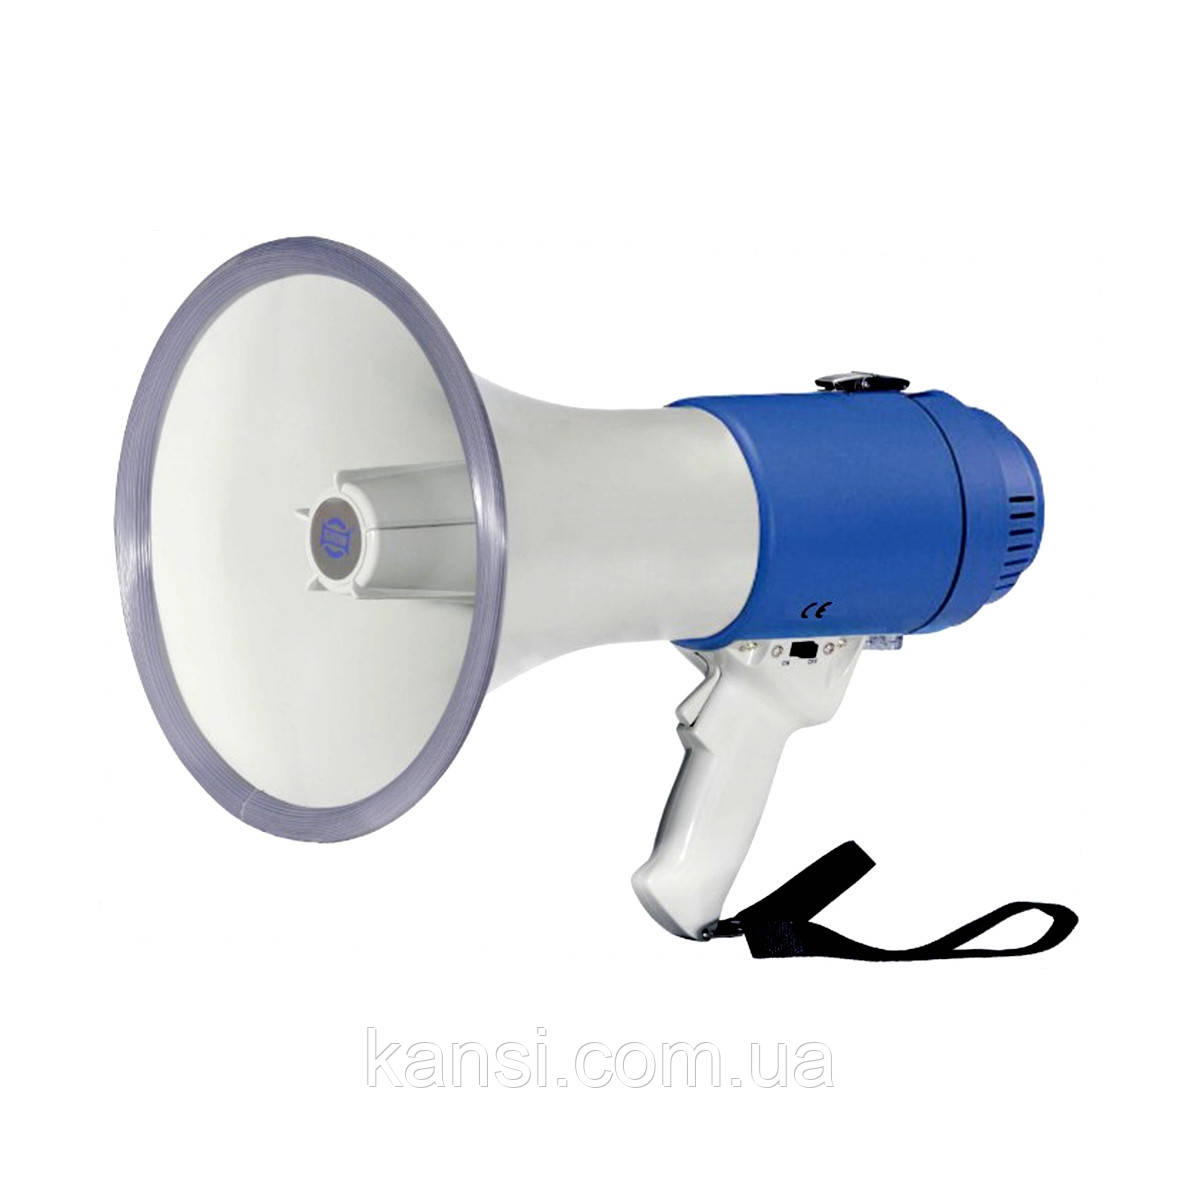 Мегафон гучномовець рупор ручної MEGAPHONE ER-55 12v UKC